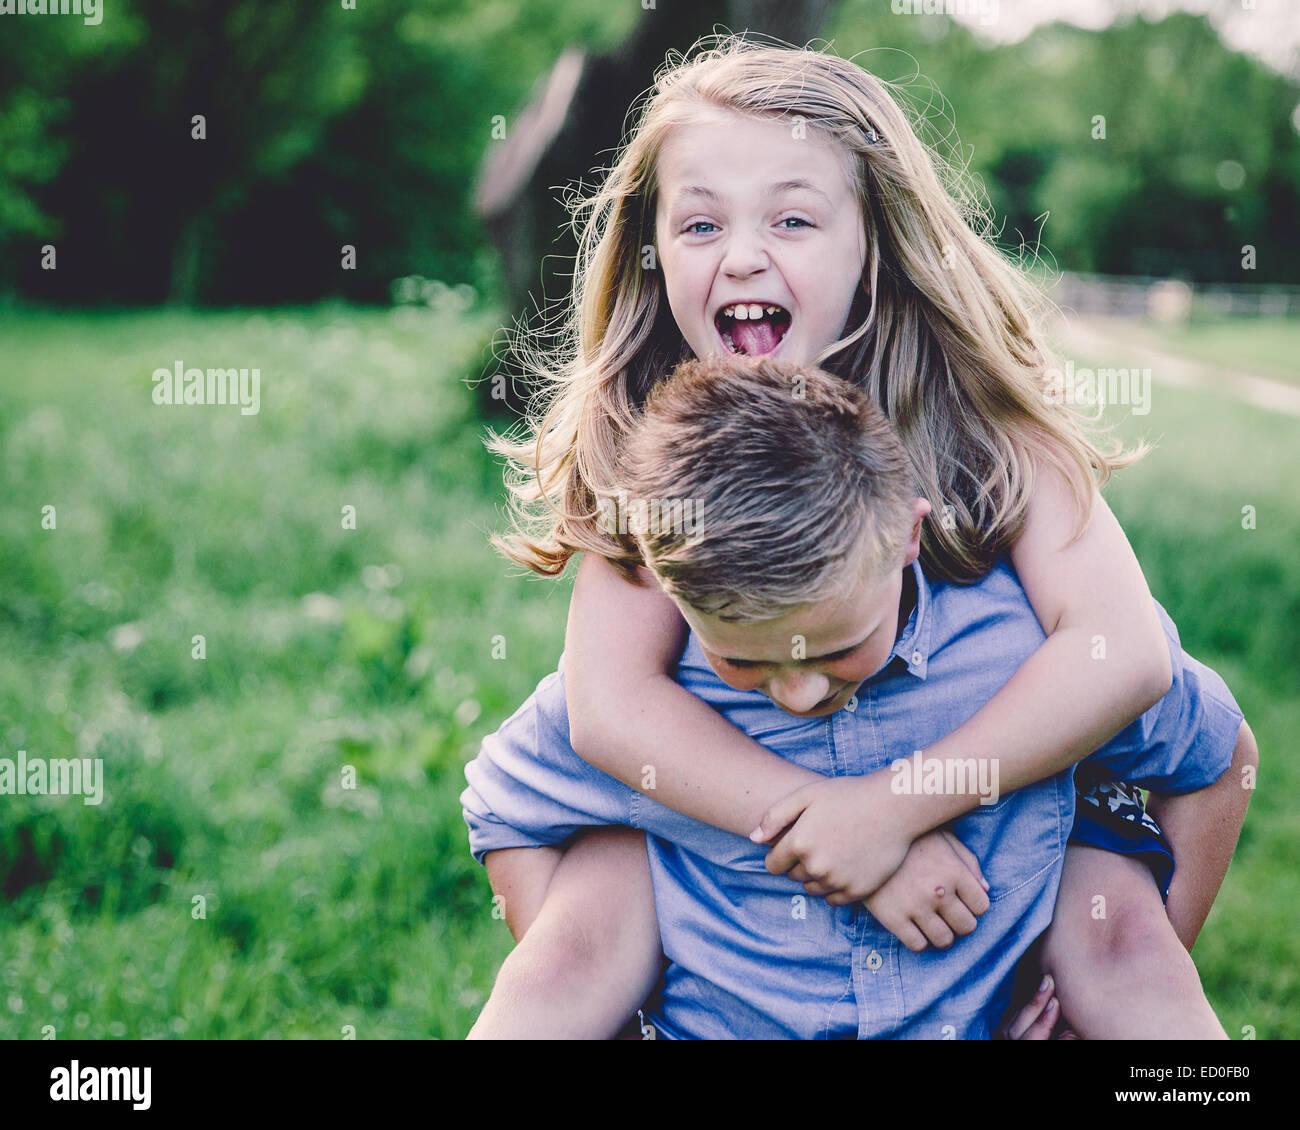 Frères et sœurs (8-9, 10-11) s'amuser dans la campagne Photo Stock